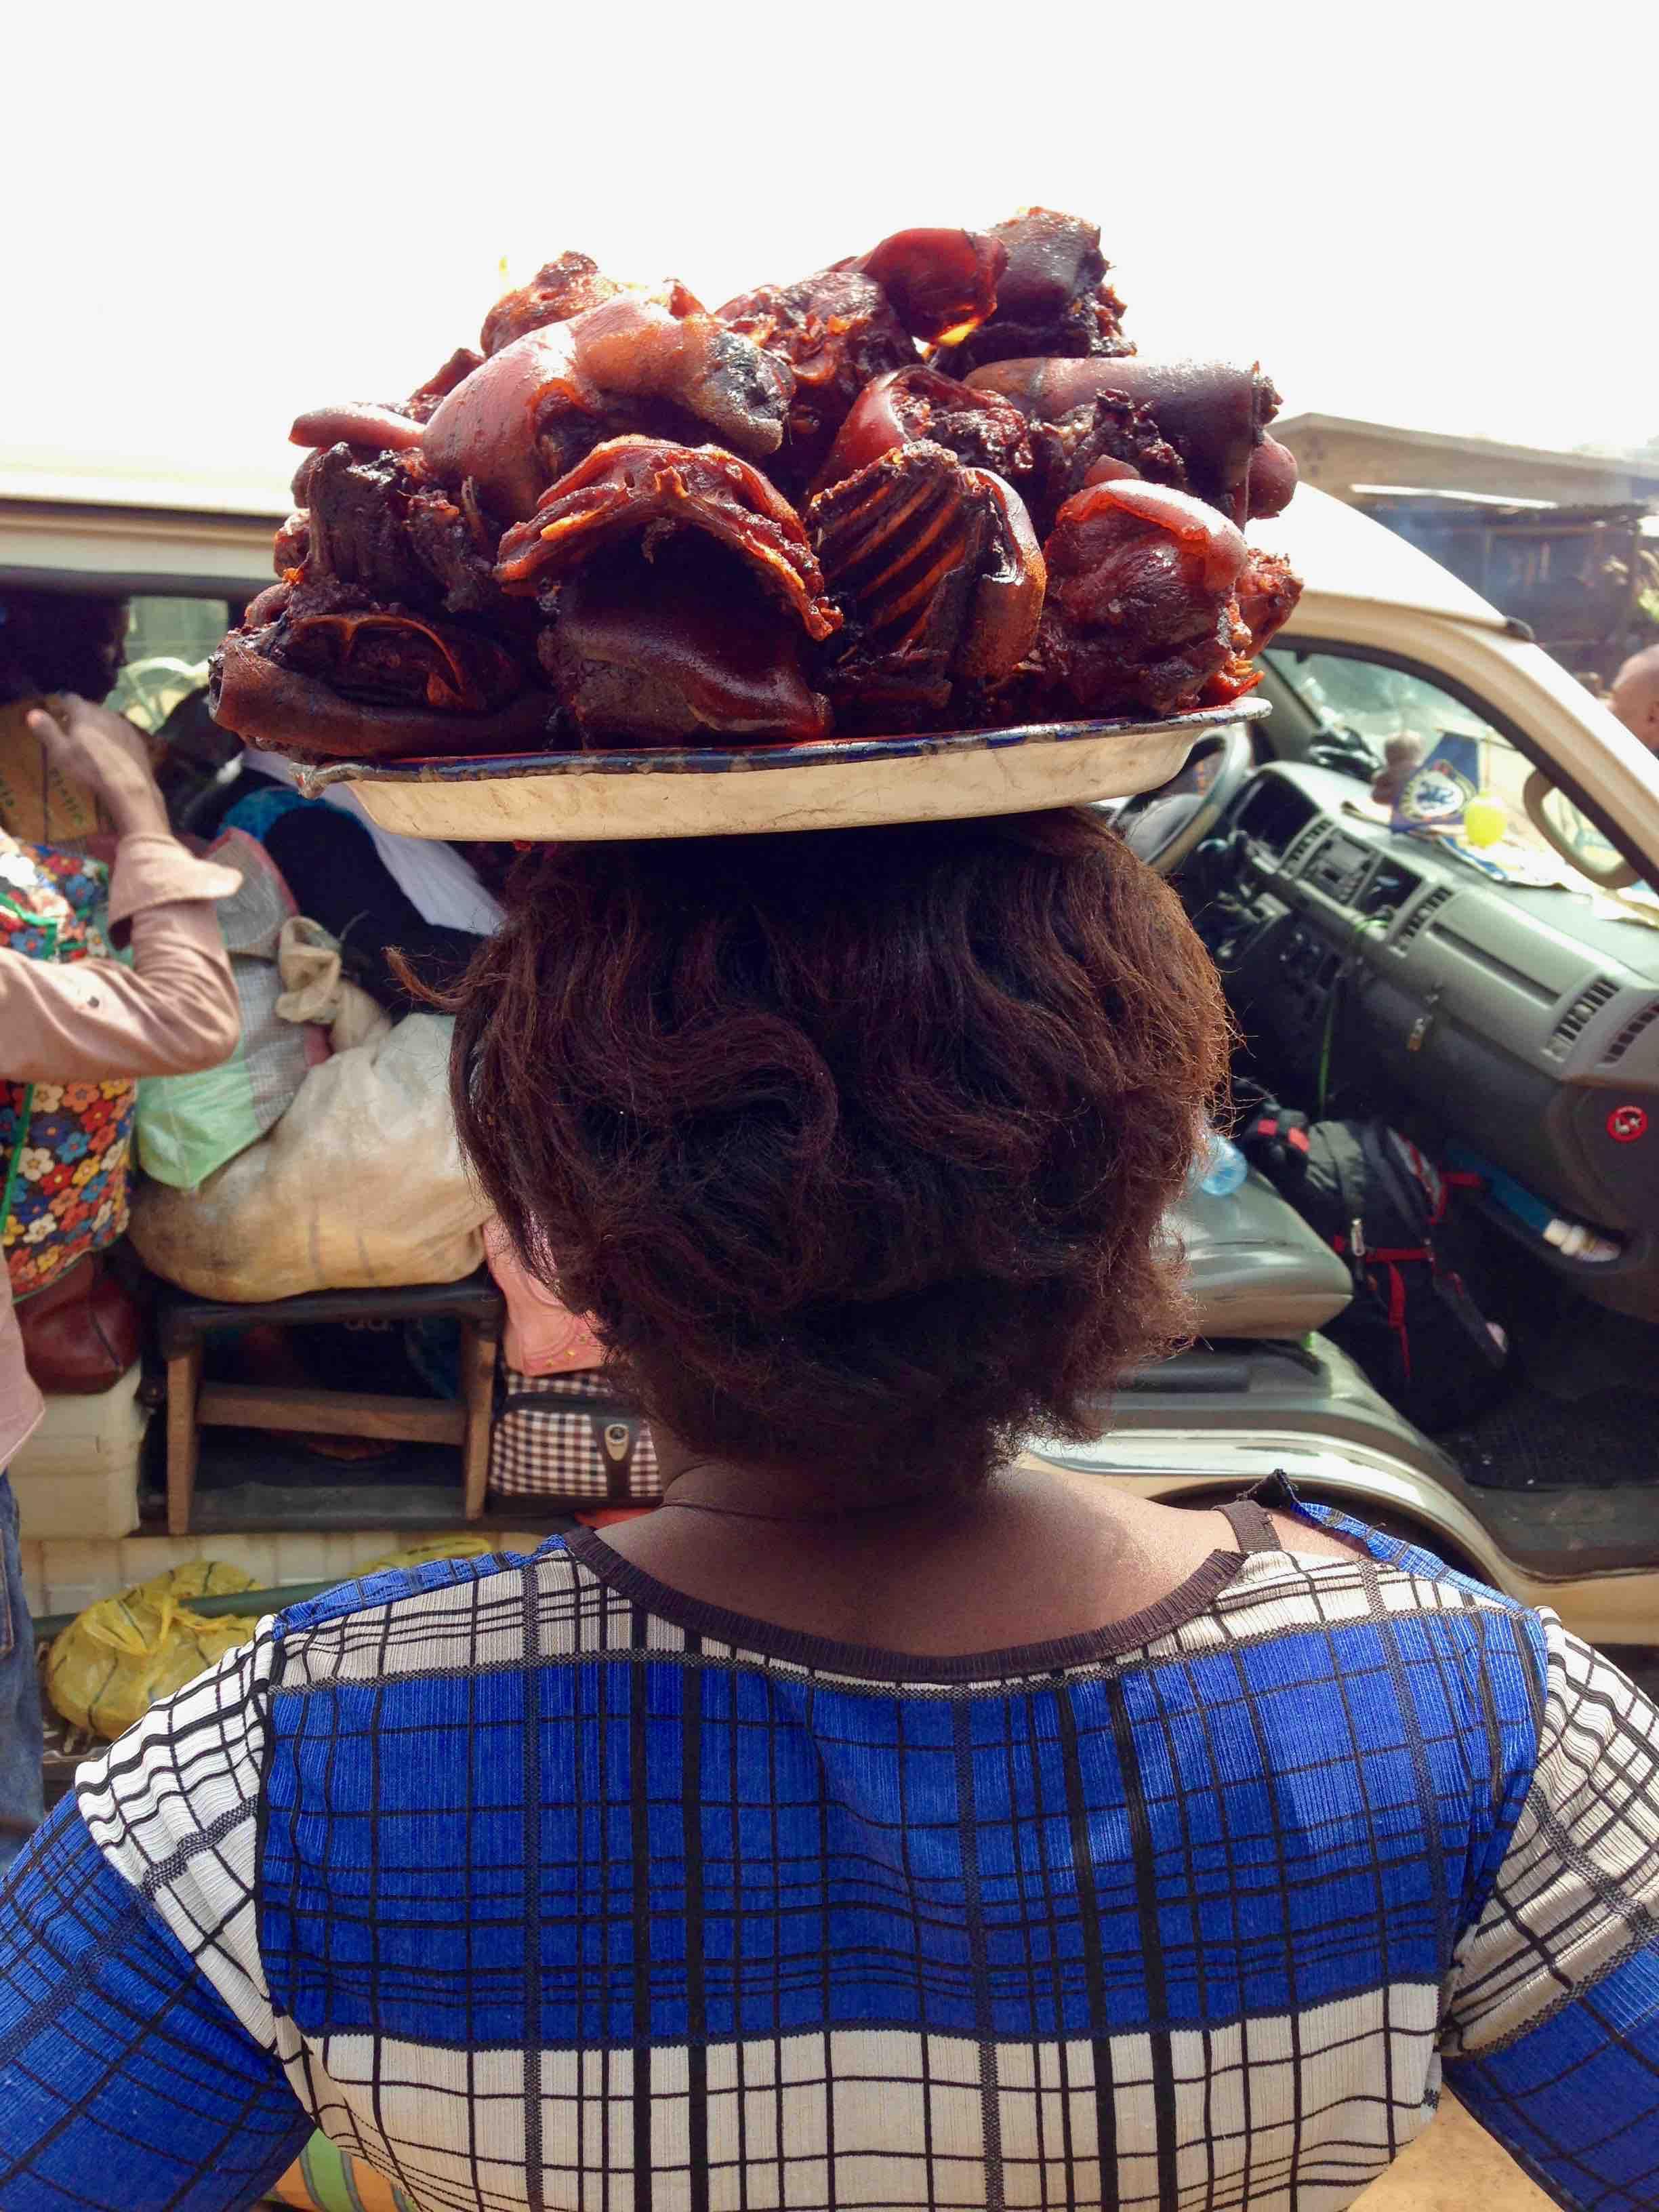 Woman hawking bushmeat in Ibillo, Edo, Nigeria. #JujuFilms